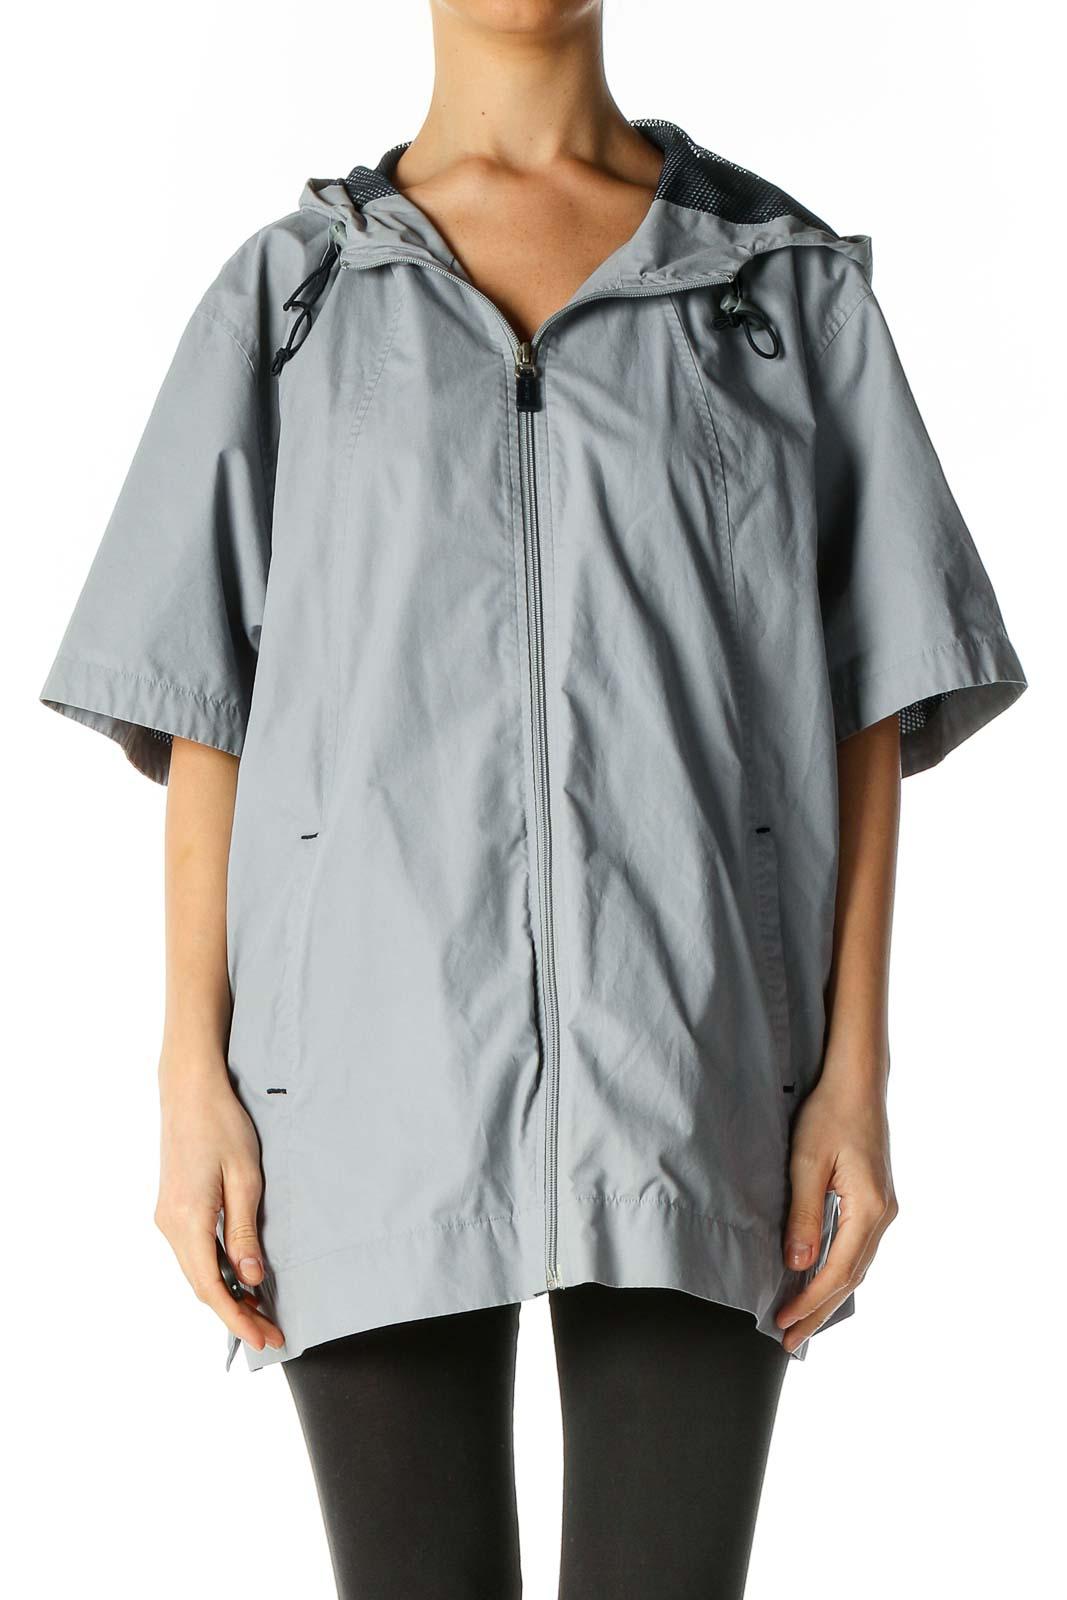 Gray Windbreaker Jacket Front